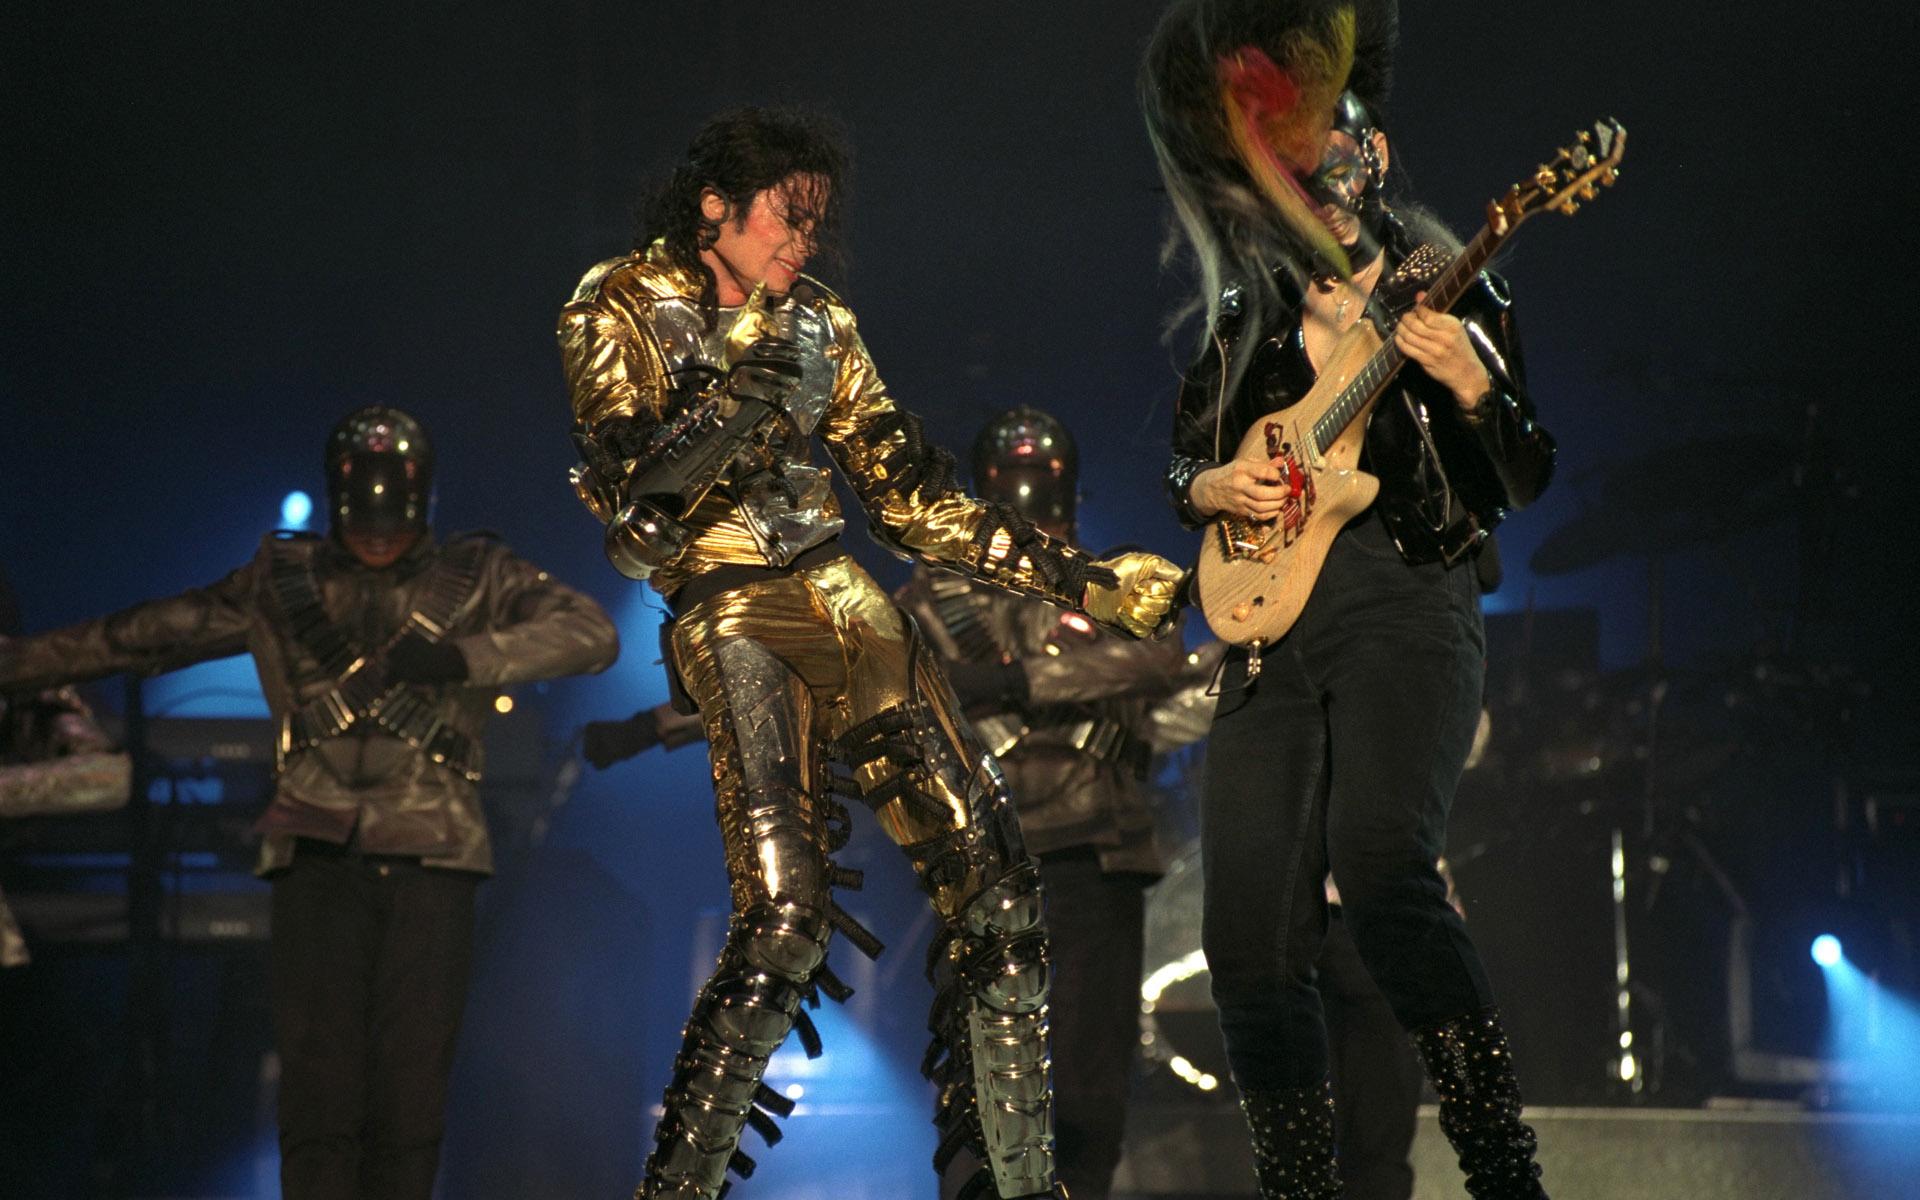 迈克尔杰克逊mj舞台形象高清图片素材 16p